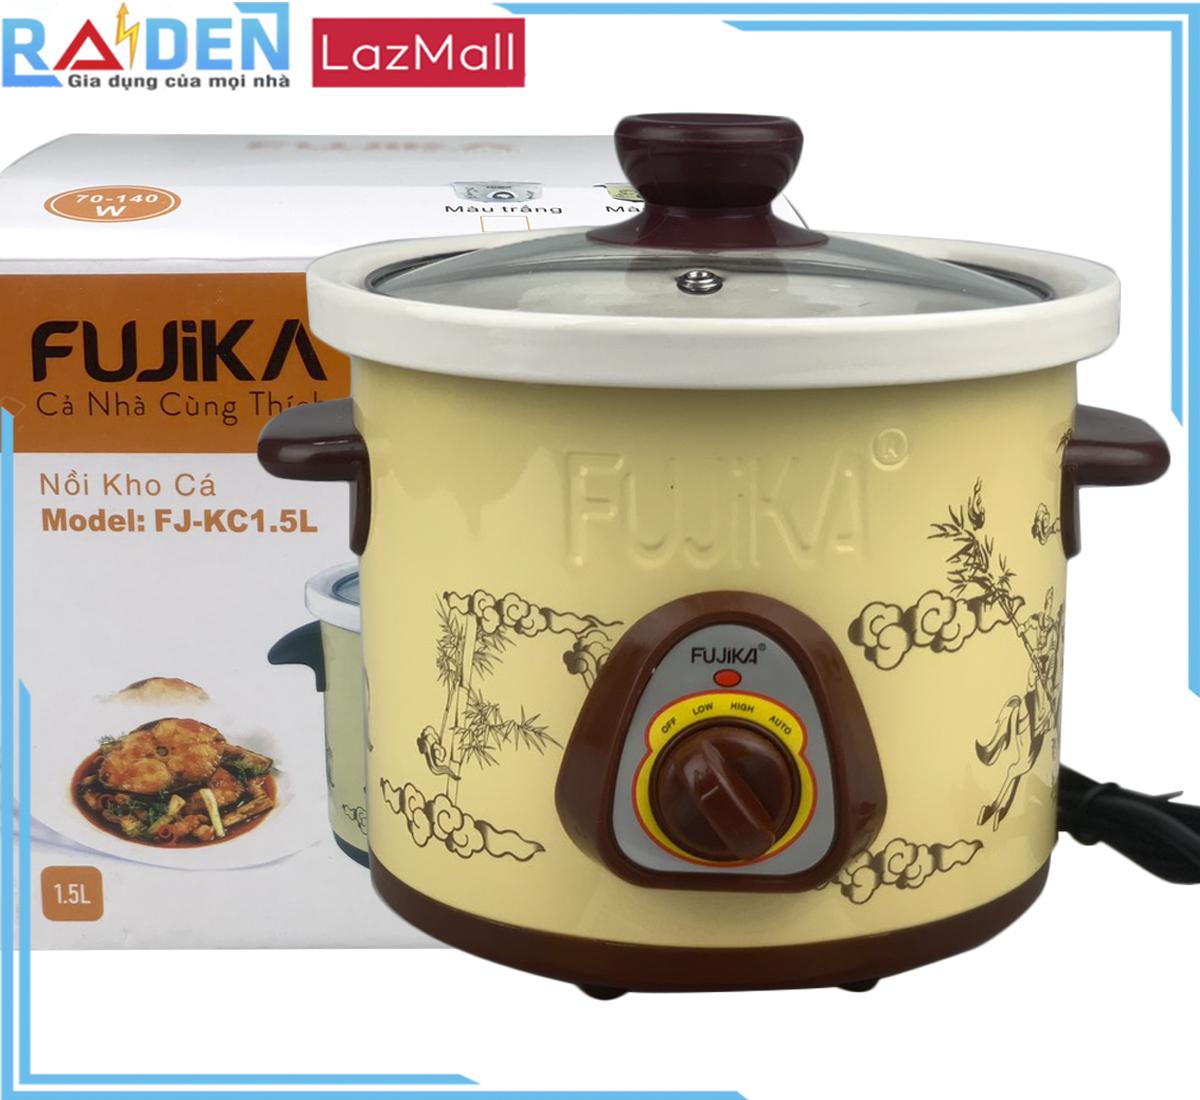 Nồi Nấu Chậm 1.5L,Nồi Kho Cá,Nồi Chưng Yến Điện,Nồi Nấu Cháo Fujika FJ-KC15 dung tích 1.5 lít dùng nấu cháo cho bé, kho cá, kho thịt, chưng yến, hầm thức ăn,nấu chậm giữ nguyên hương vị